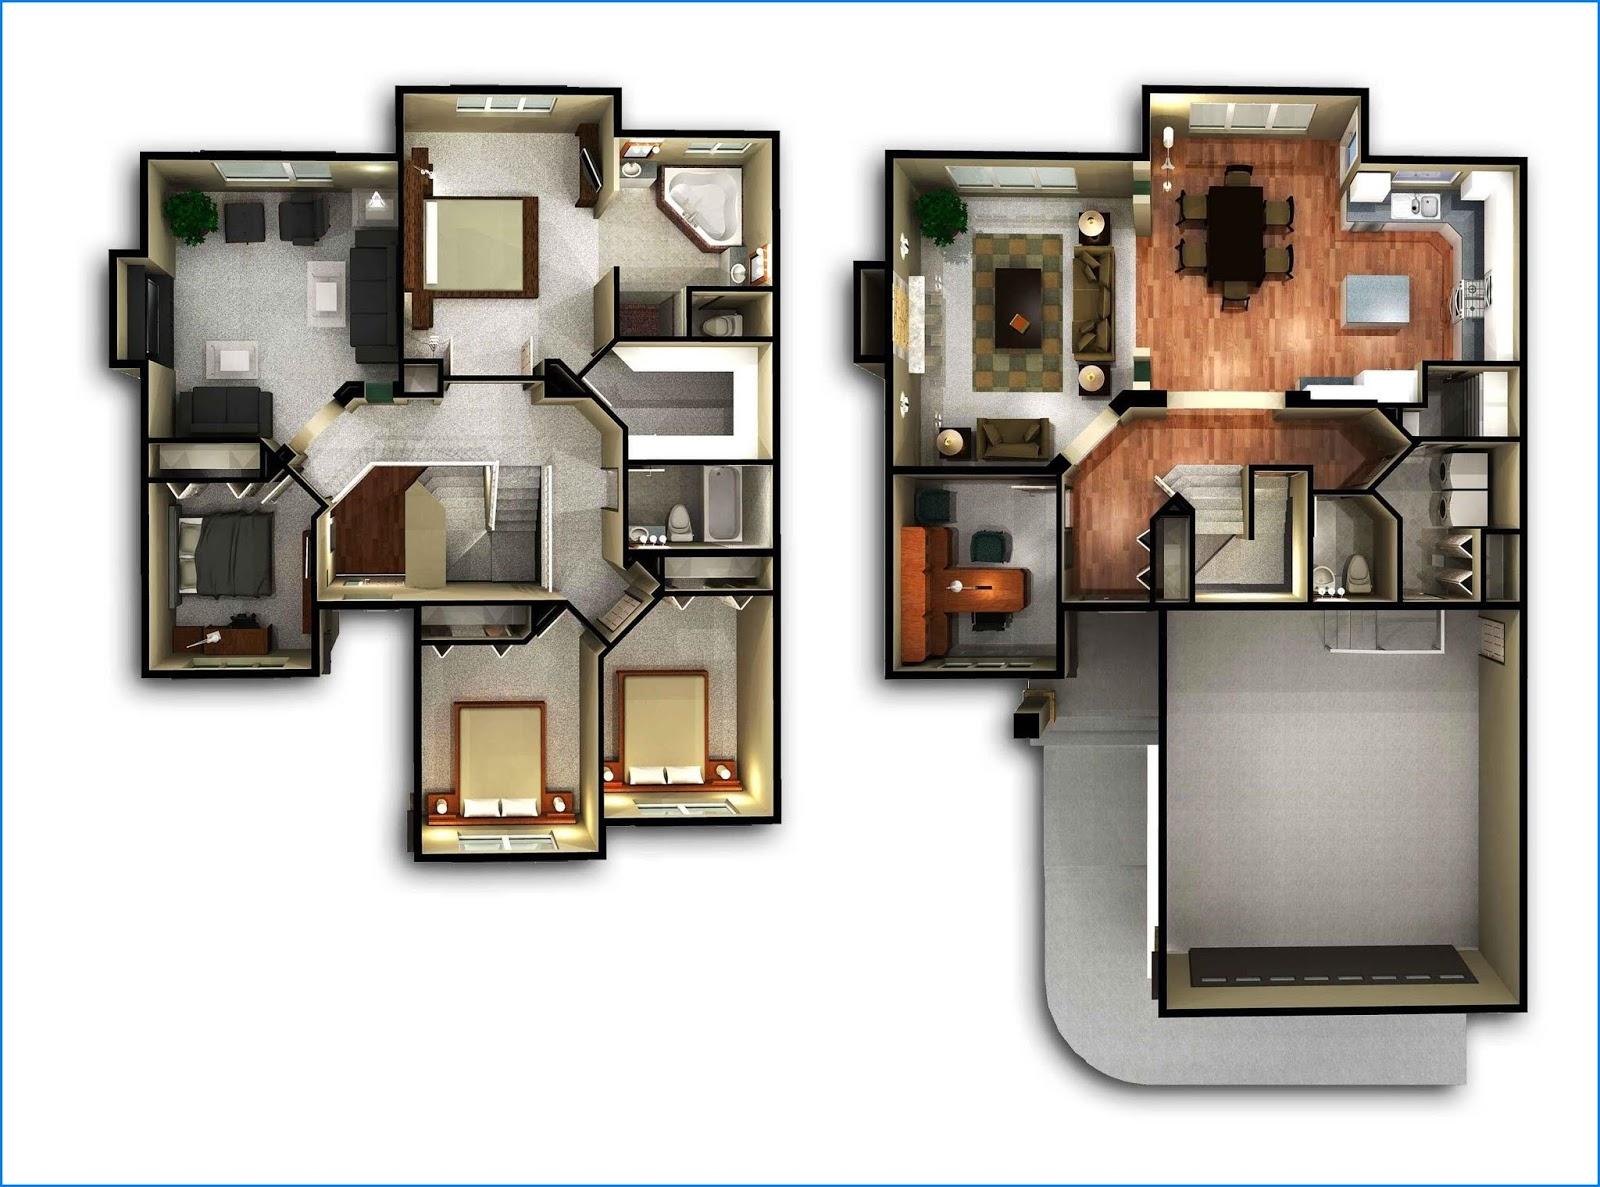 Gambar Desain Rumah Minimalis 2 Lantai Ukuran Kecil ...